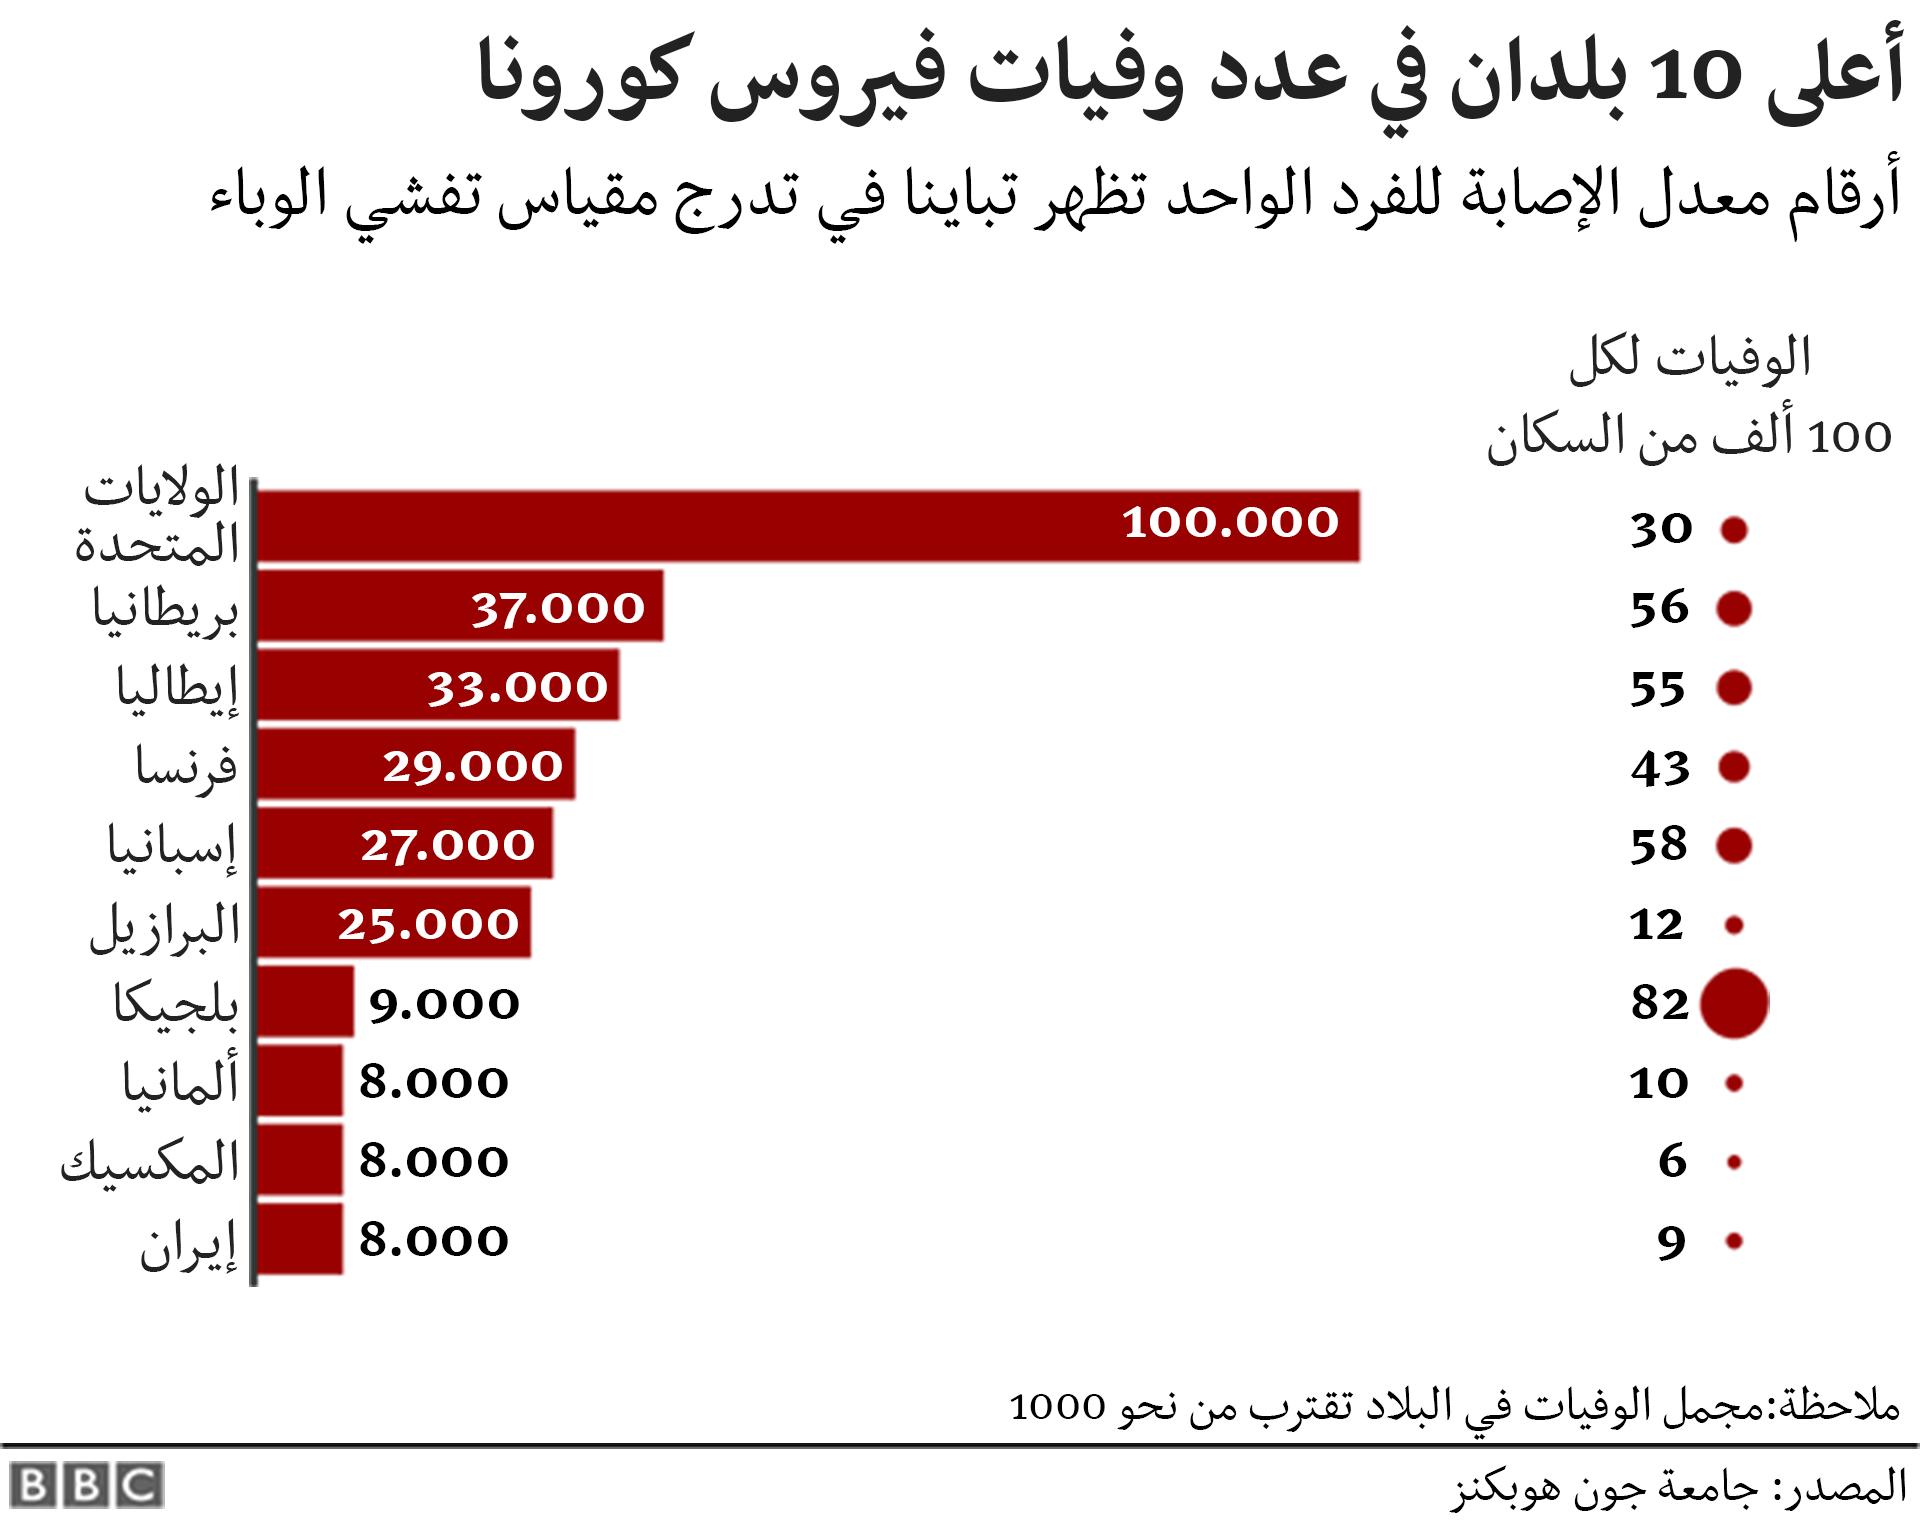 أعلى 10 بلدان في الوفيات